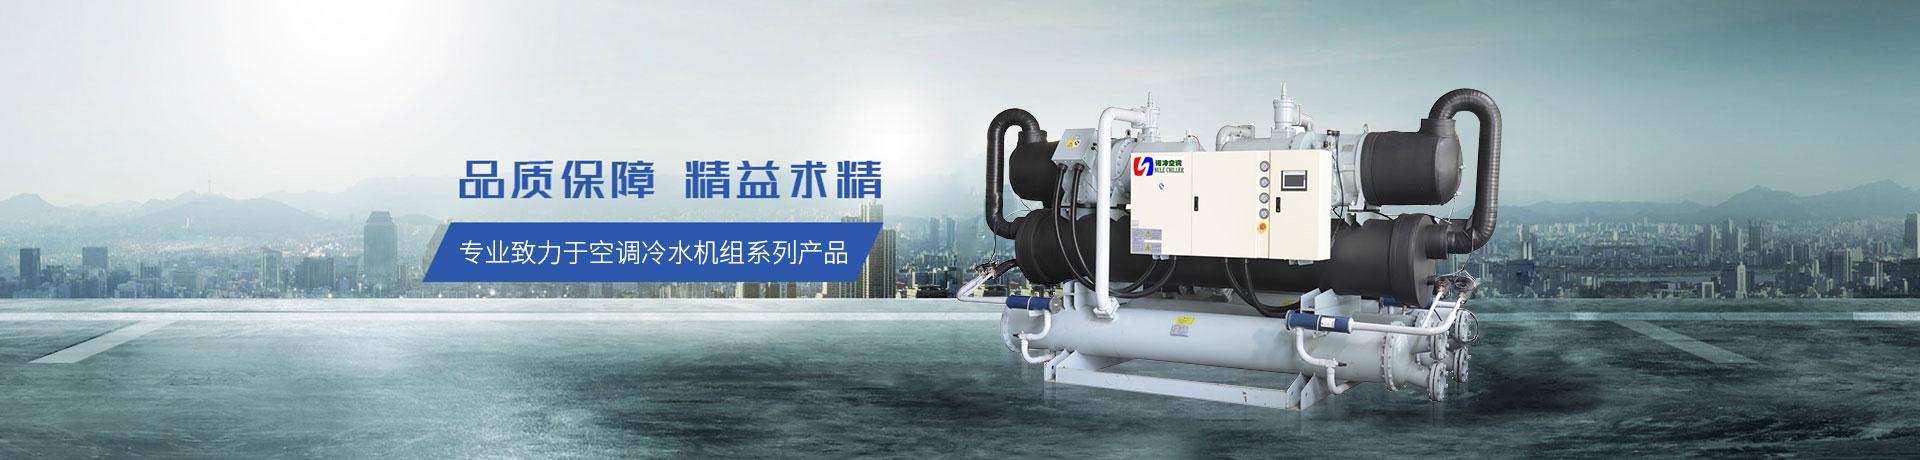 工業冷水機,螺桿冷水機,鹽水冷凍機,防爆冷水機 ,冰水機,鹽水冷凍機組,冰水機組